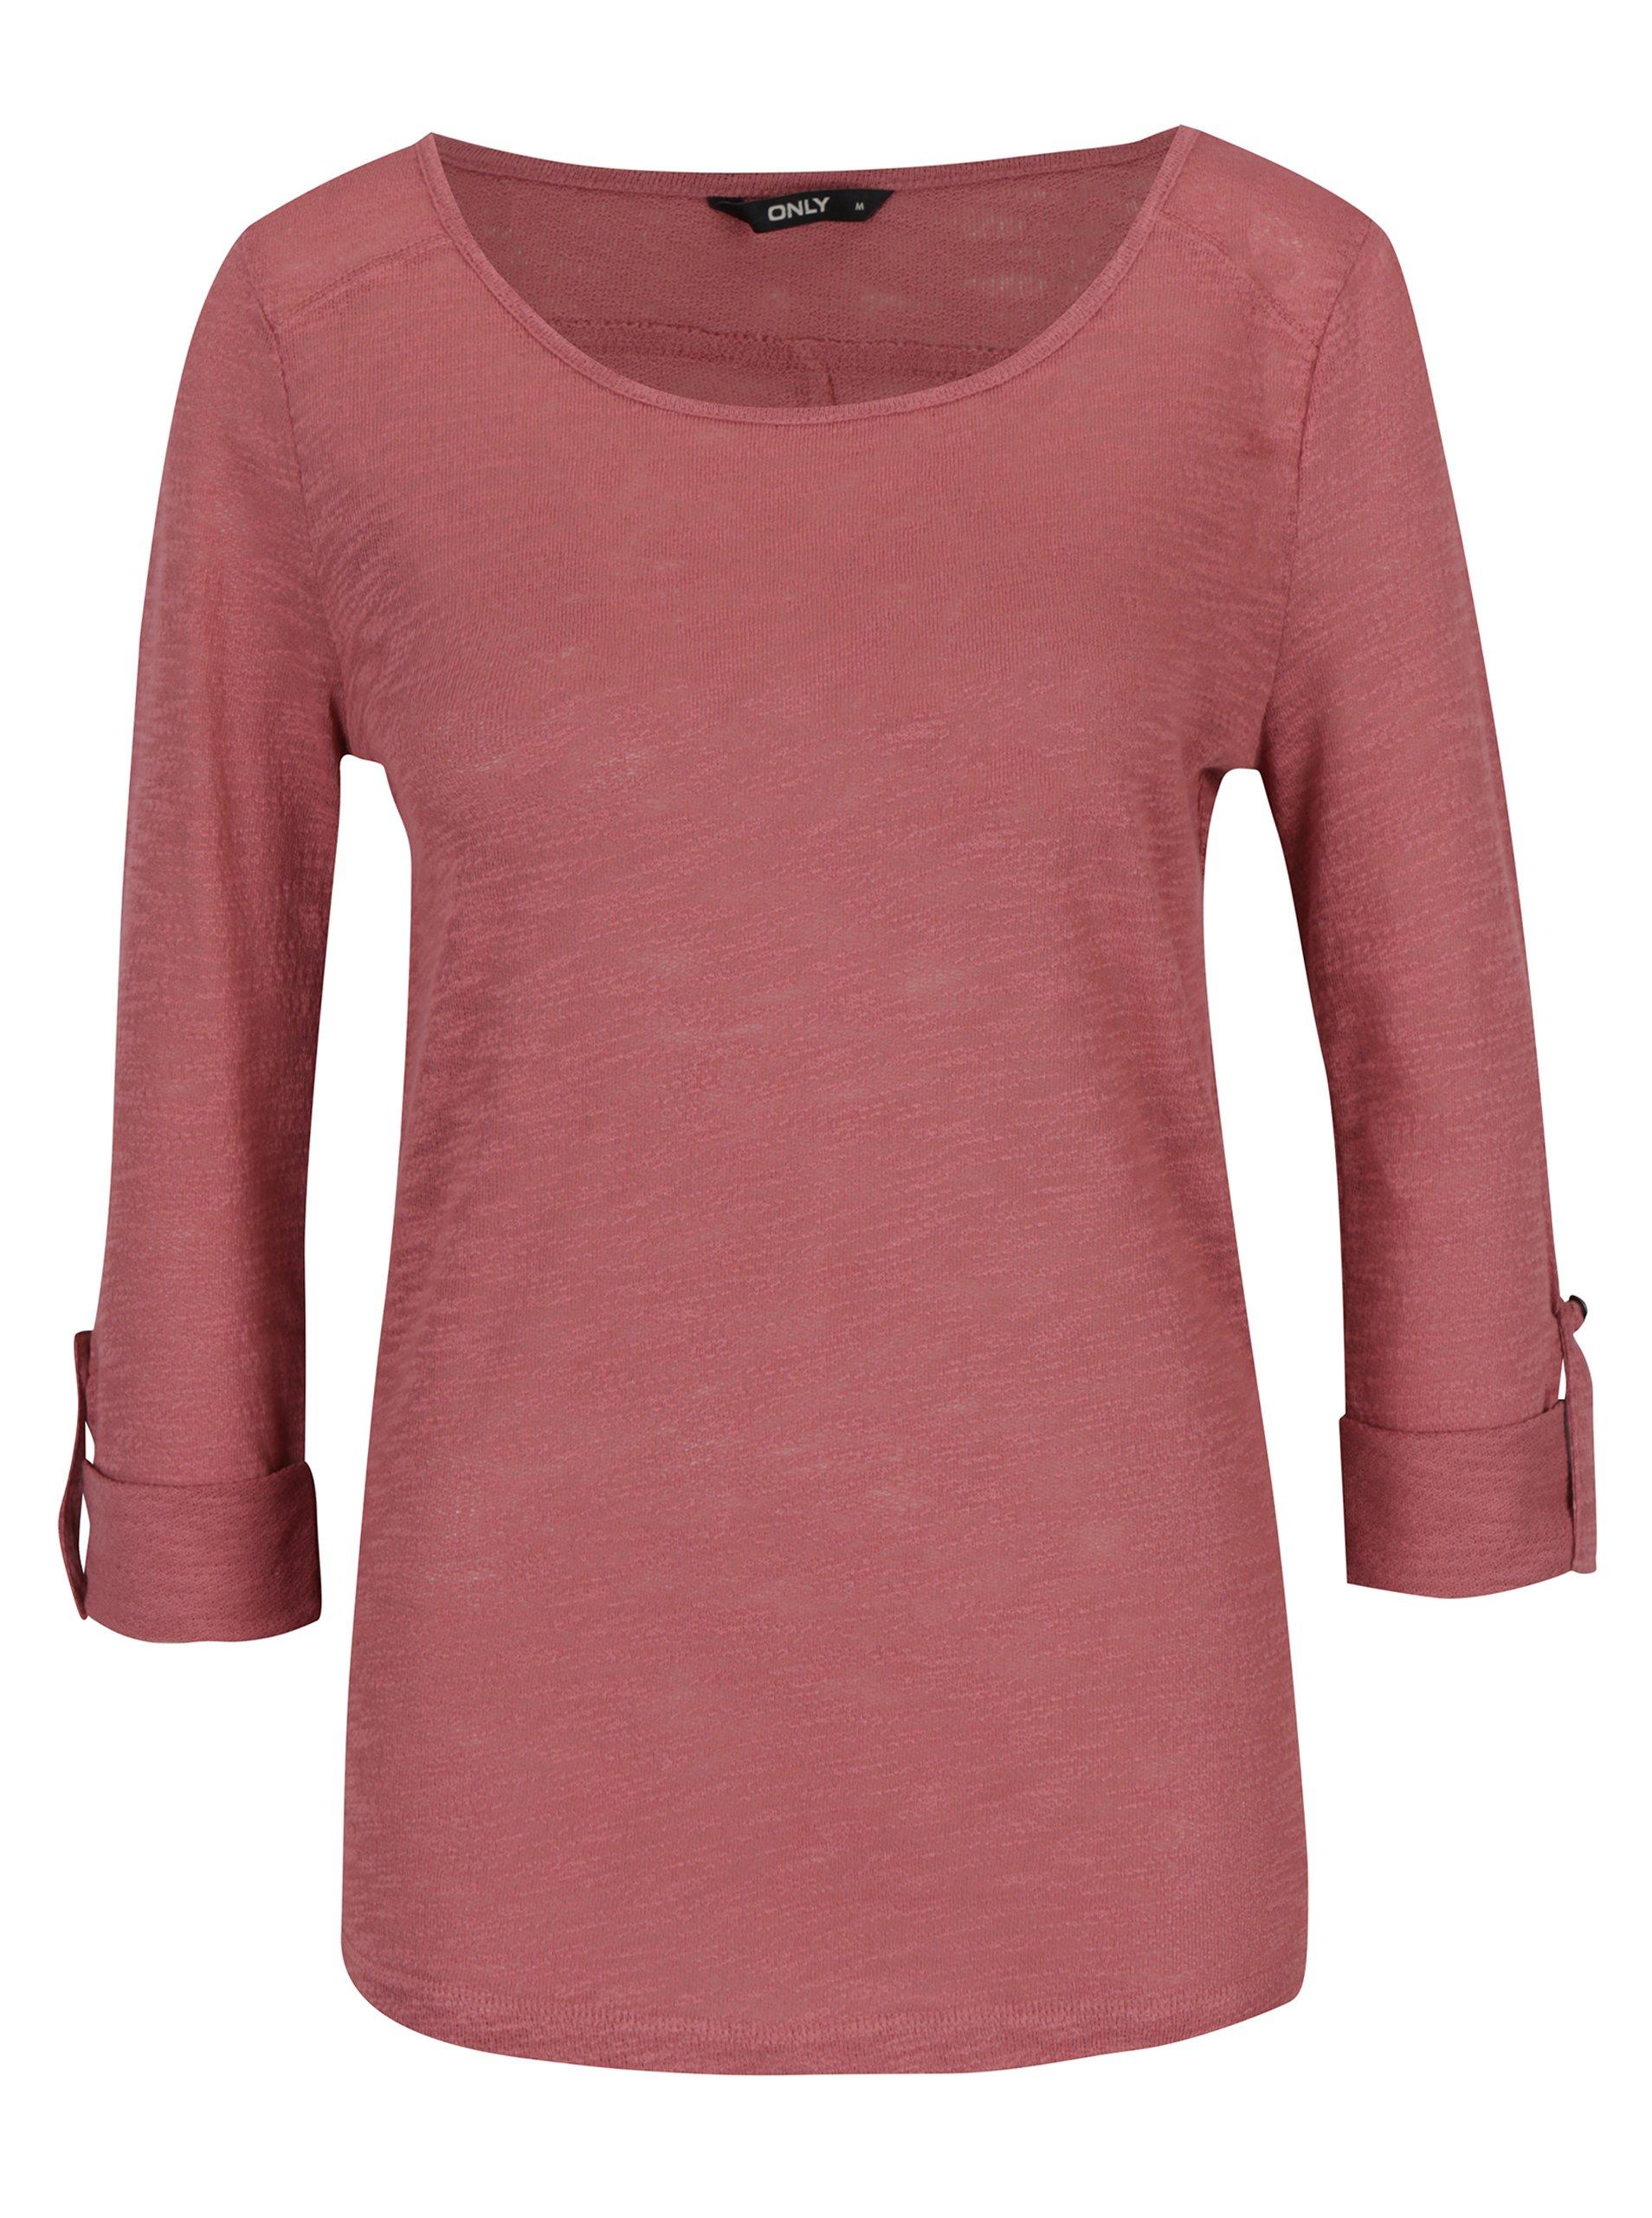 Starorůžové tričko s 3/4 rukávem ONLY Jess